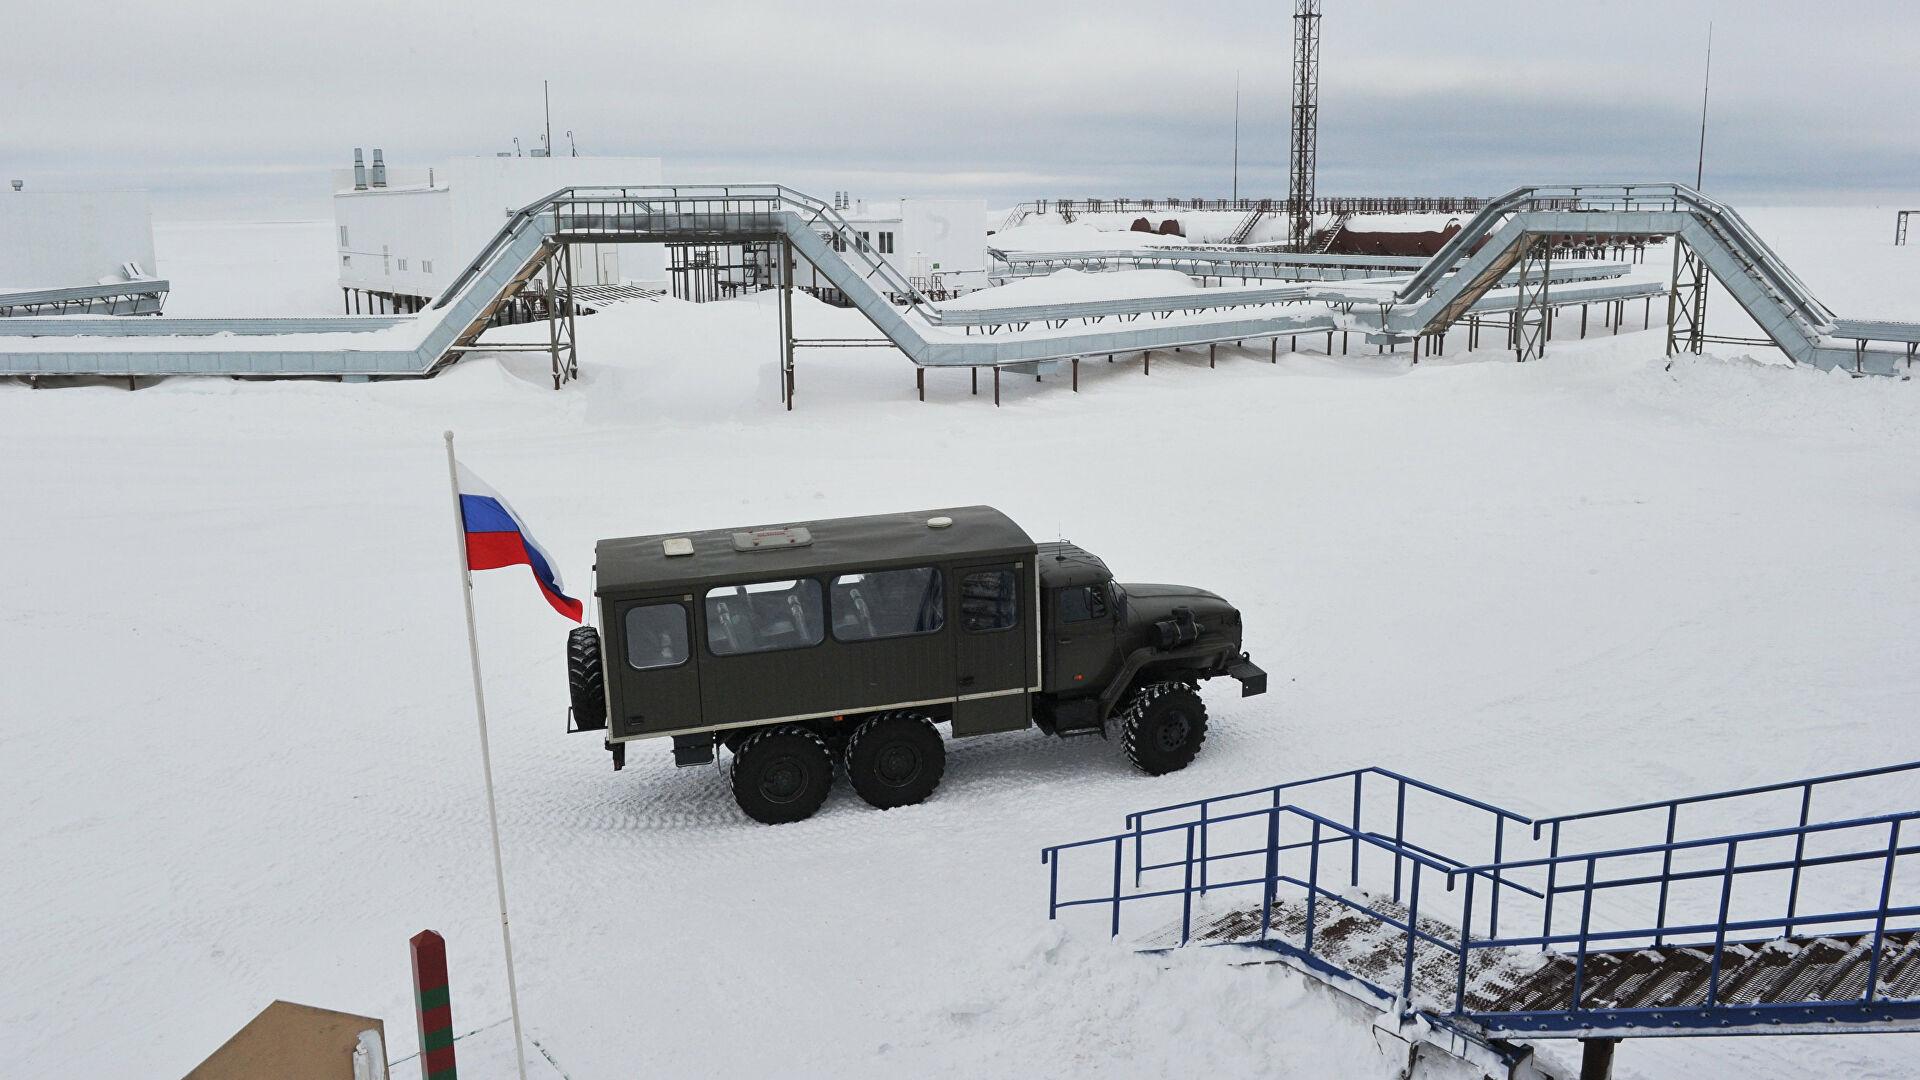 Развитие России. Арктическая лаборатория и не только